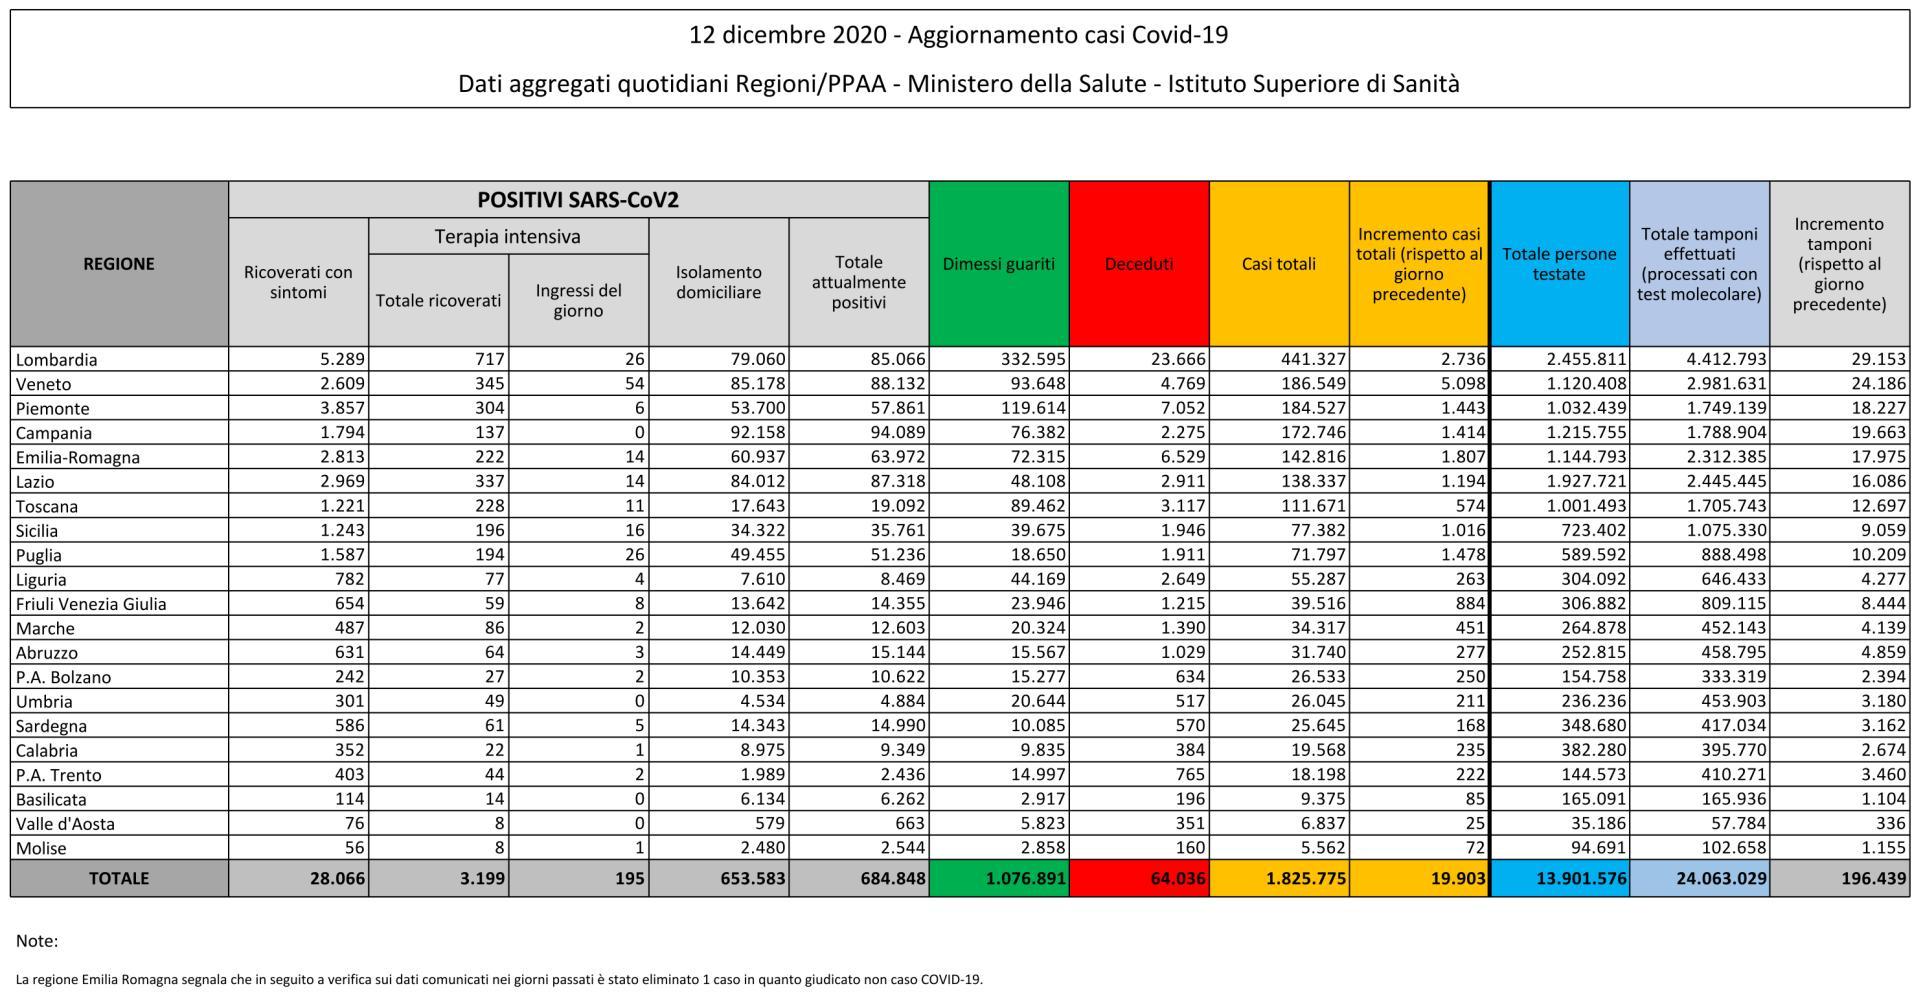 12 dicembre 2020 - Aggiornamento casi Covid-19 Dati aggregati quotidiani Regioni/PPAA - Ministero della Salute - Istituto Superiore di Sanità